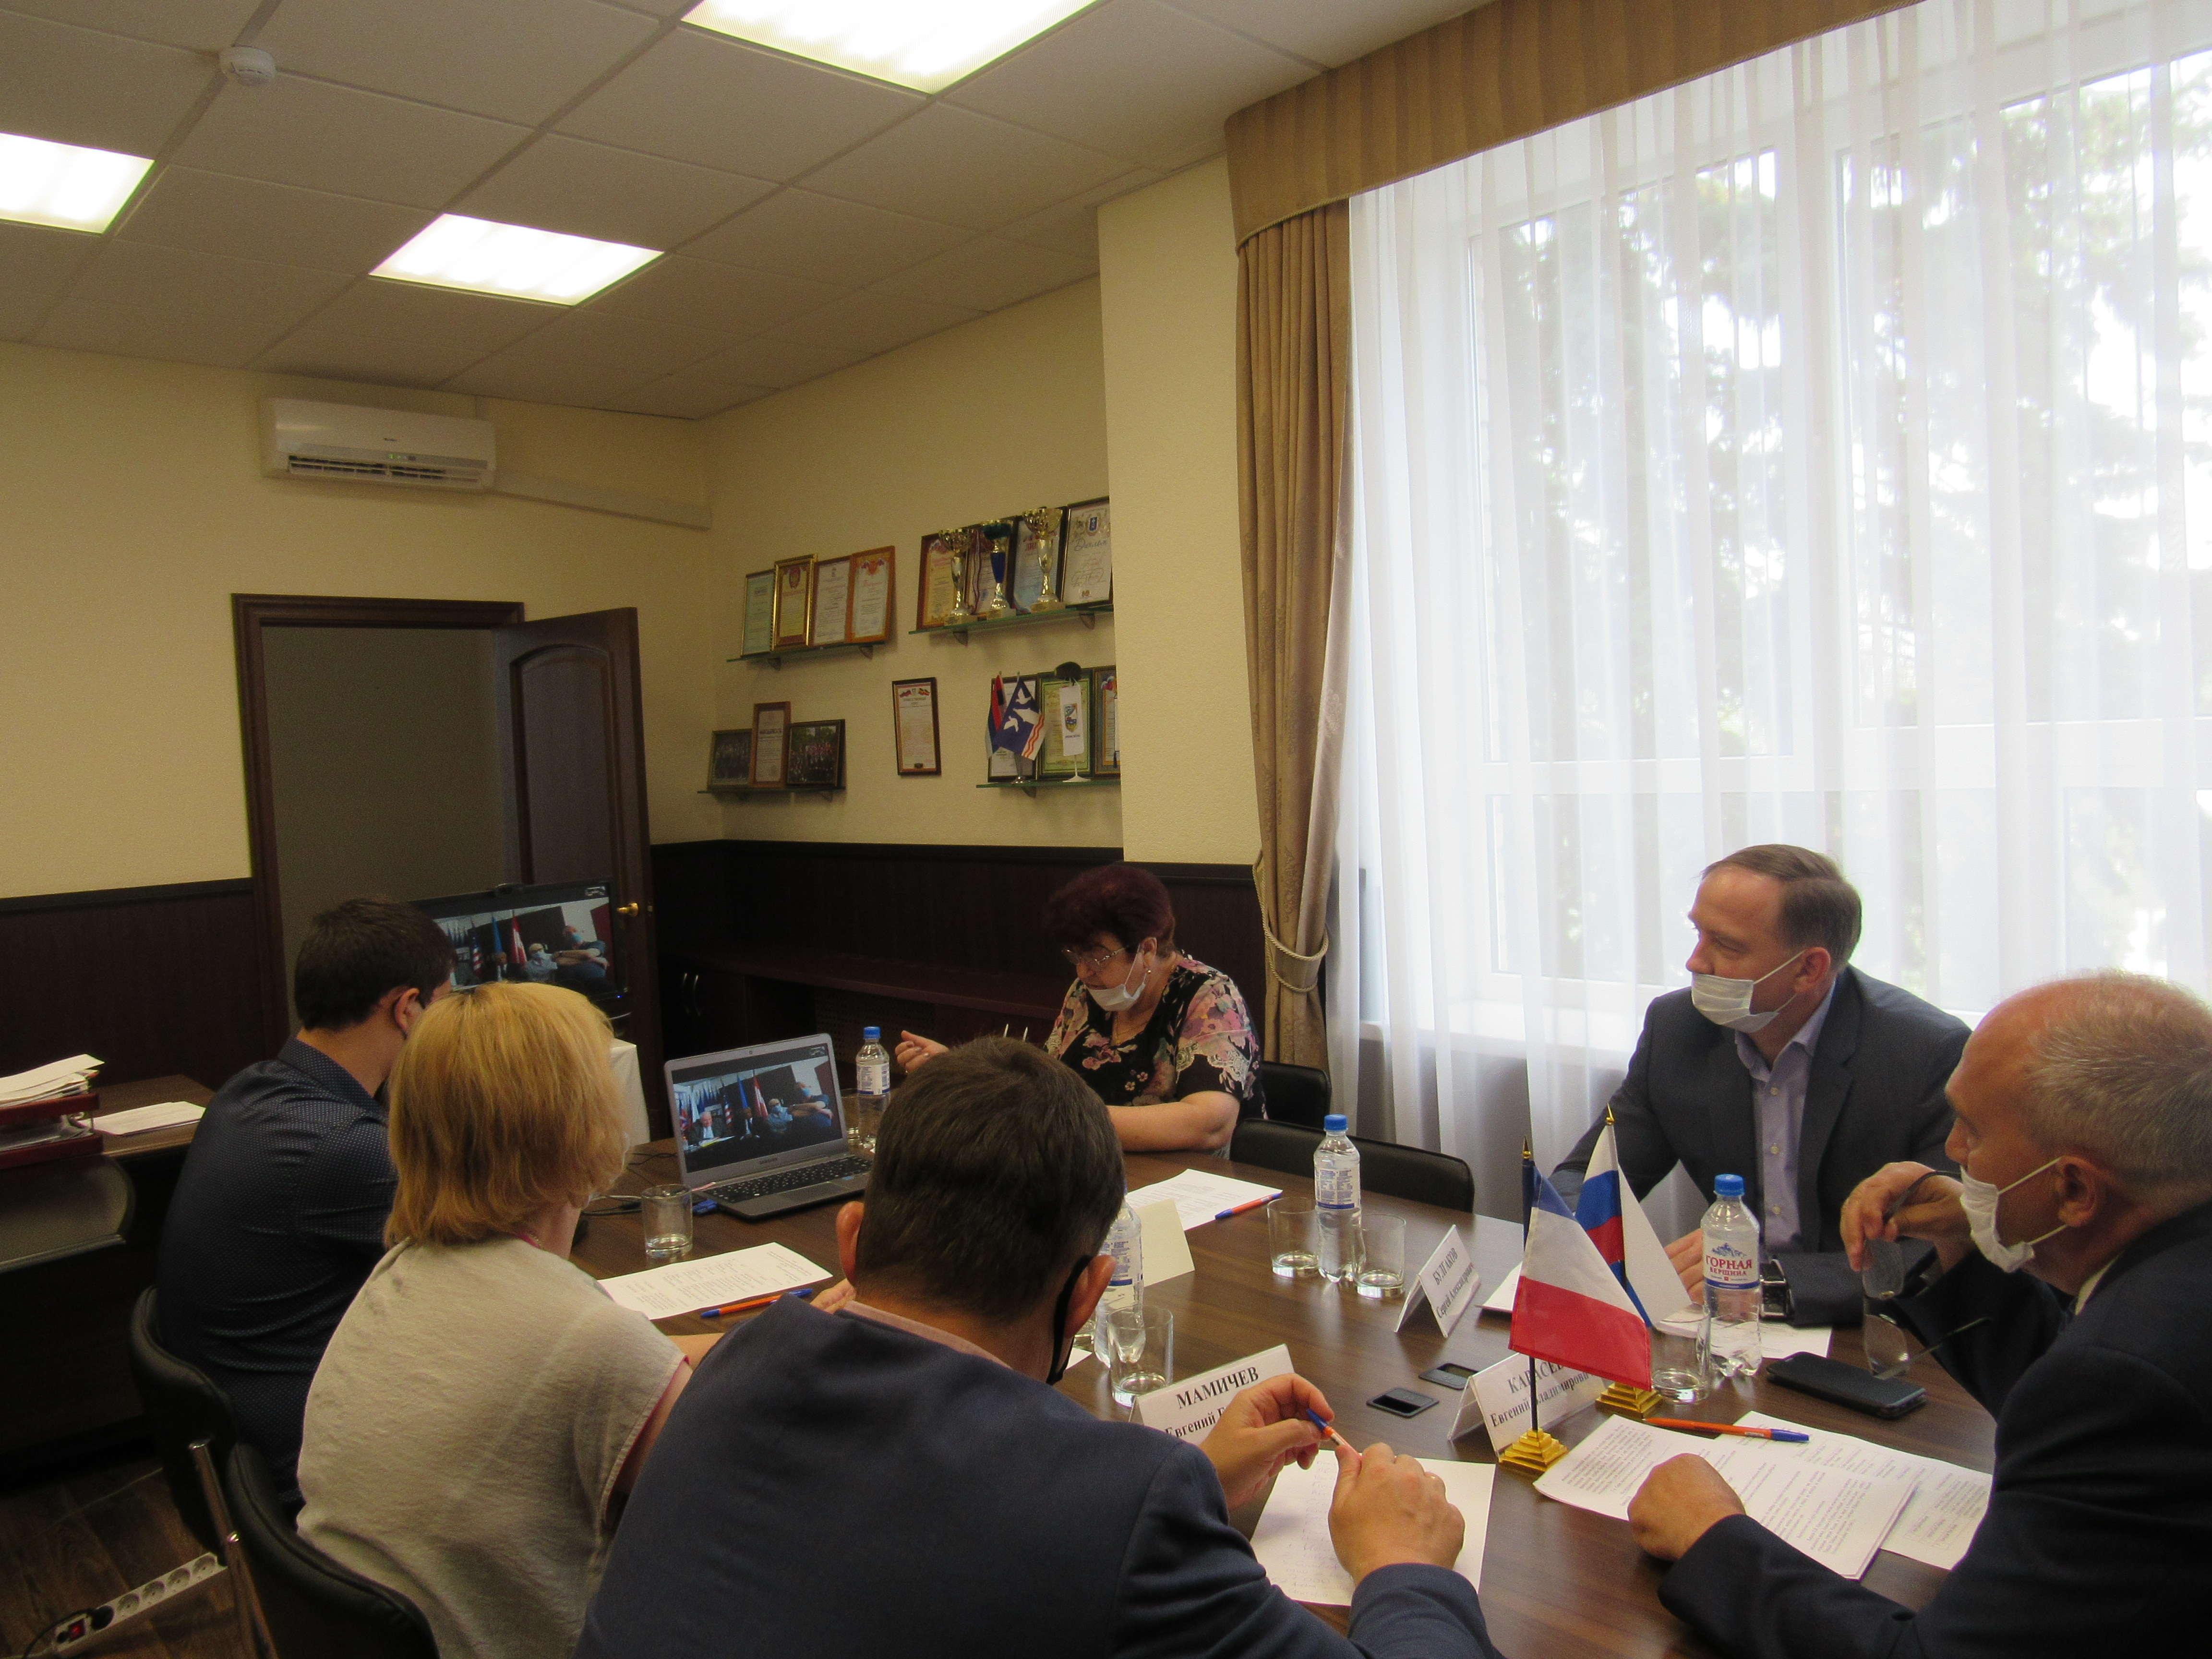 18 июня 2020 года состоялся видеомост между городами-побратимами Азов и Курбевуа.